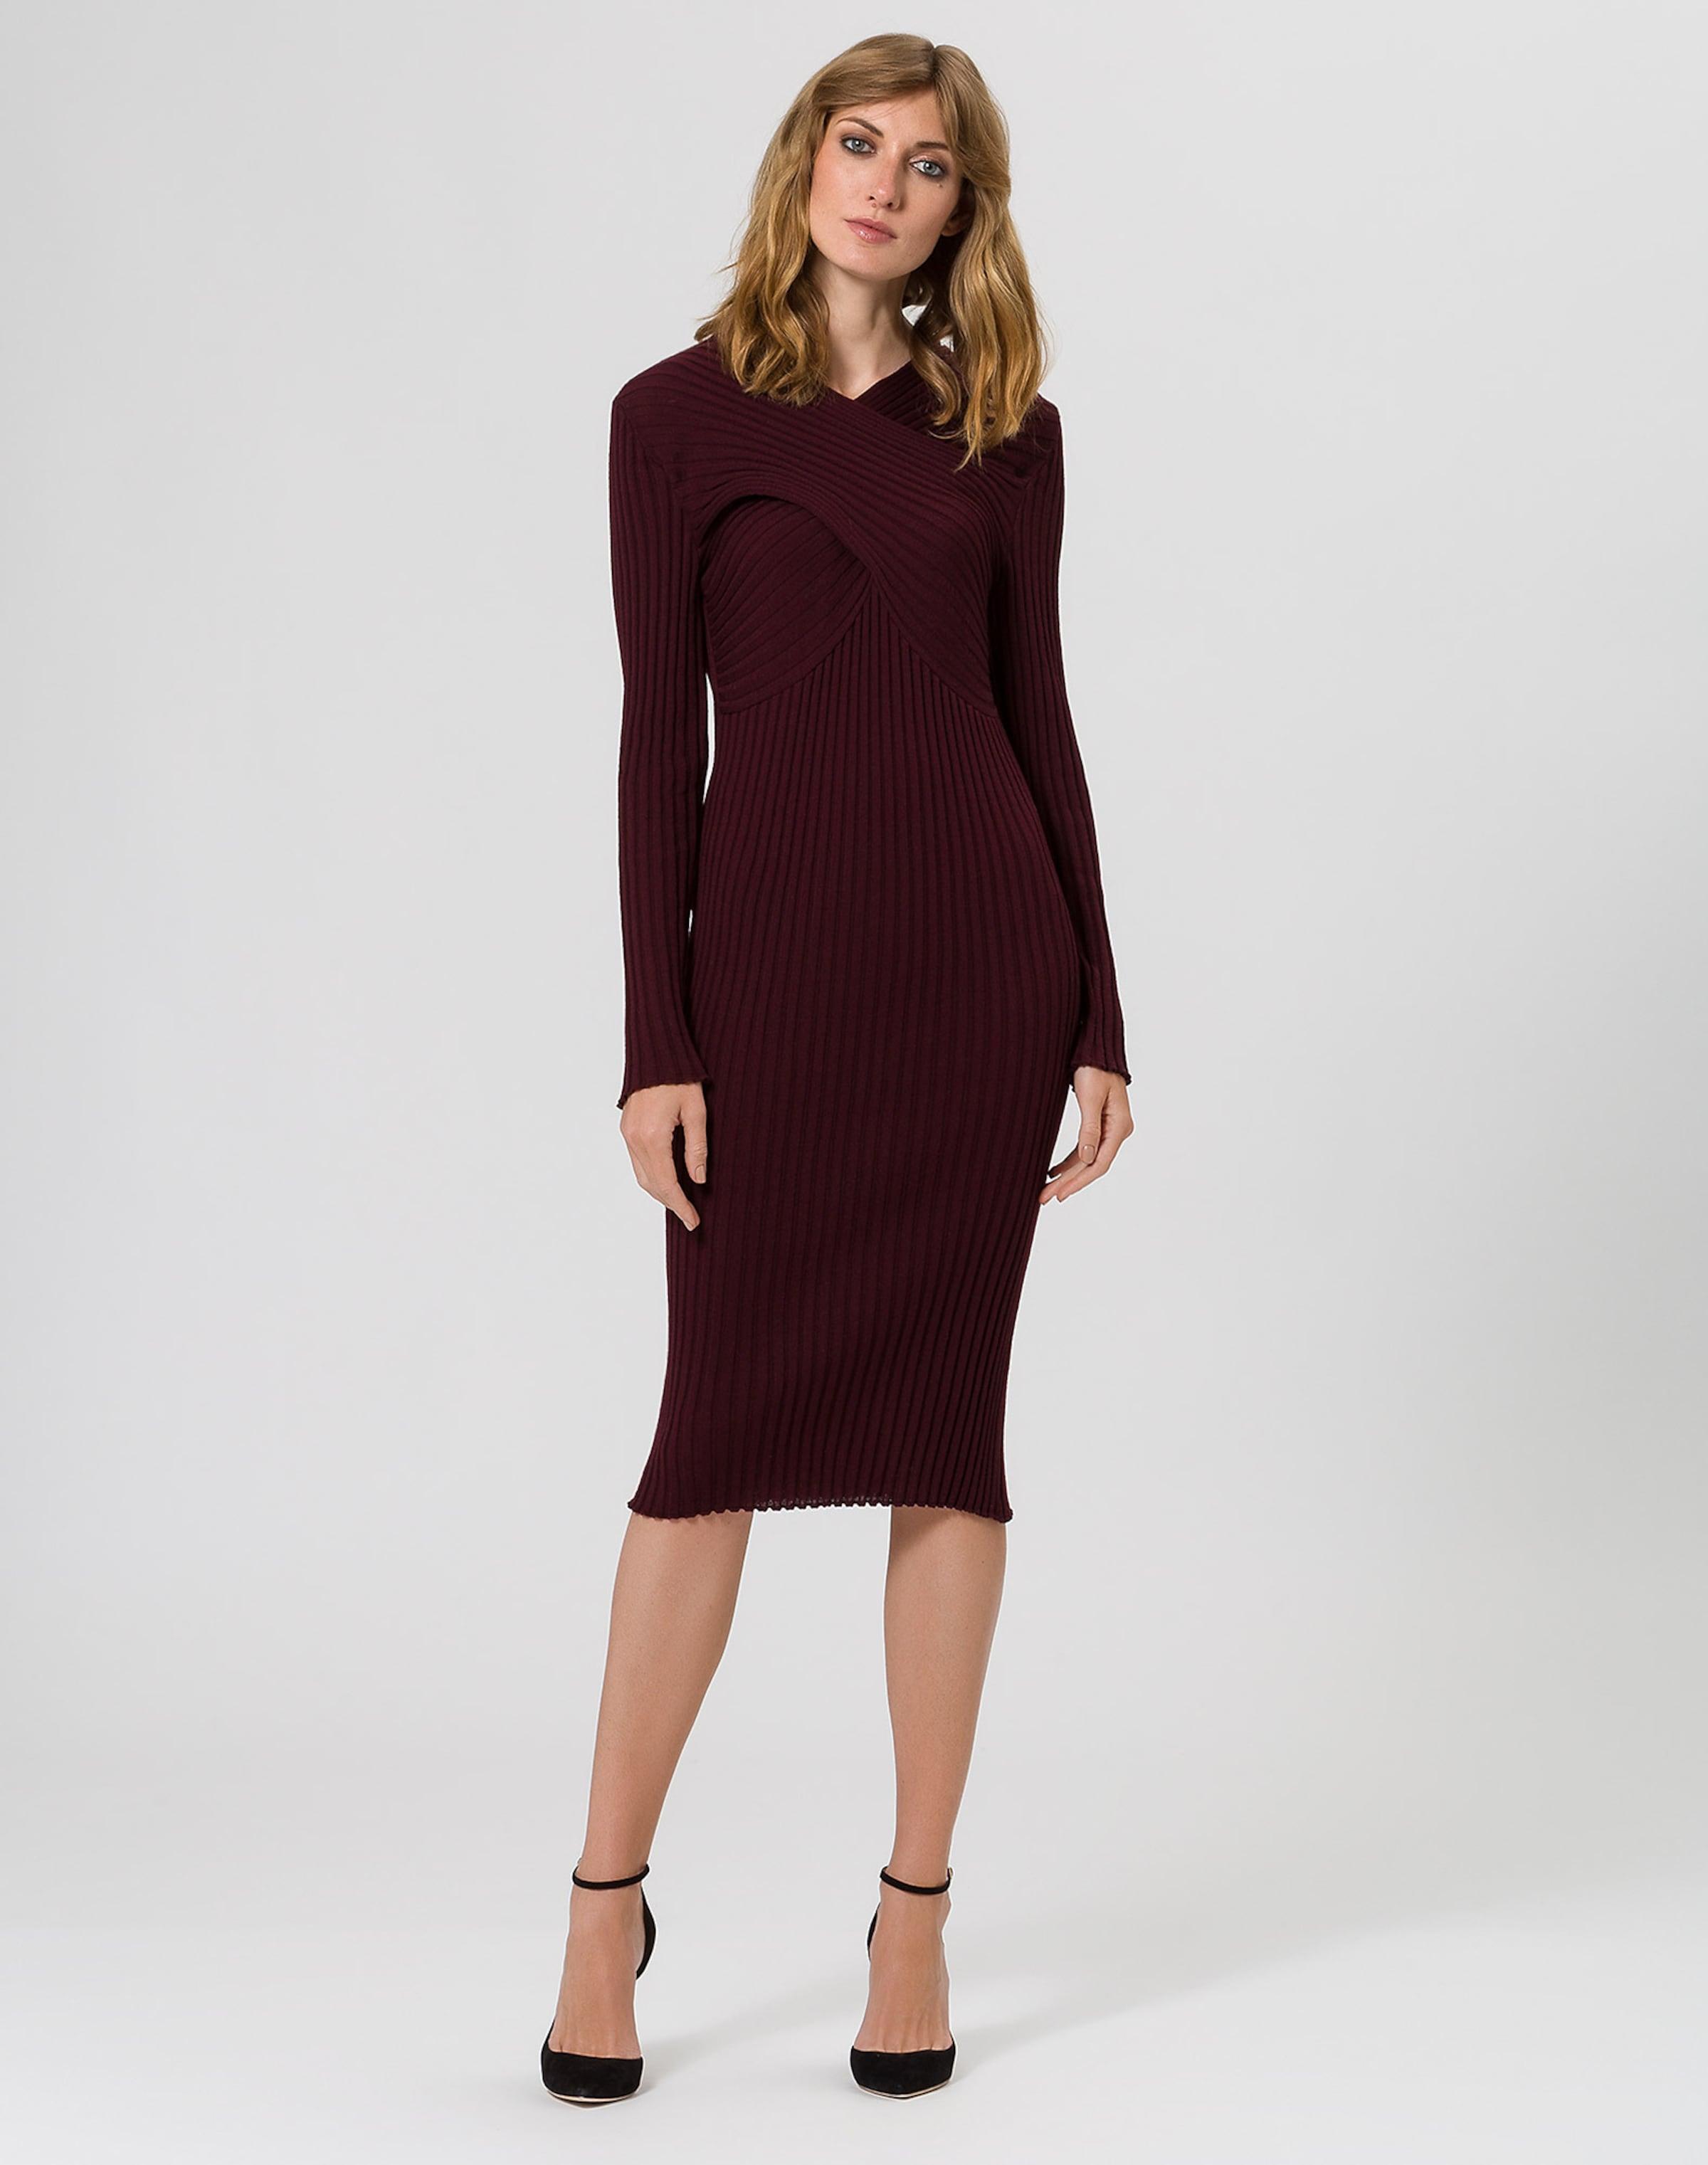 IVY & OAK Kleid 2018 Neue Angebote Online Spielraum Empfehlen Footlocker Finish Günstiger Preis Outlet-Store Online-Verkauf K51RE